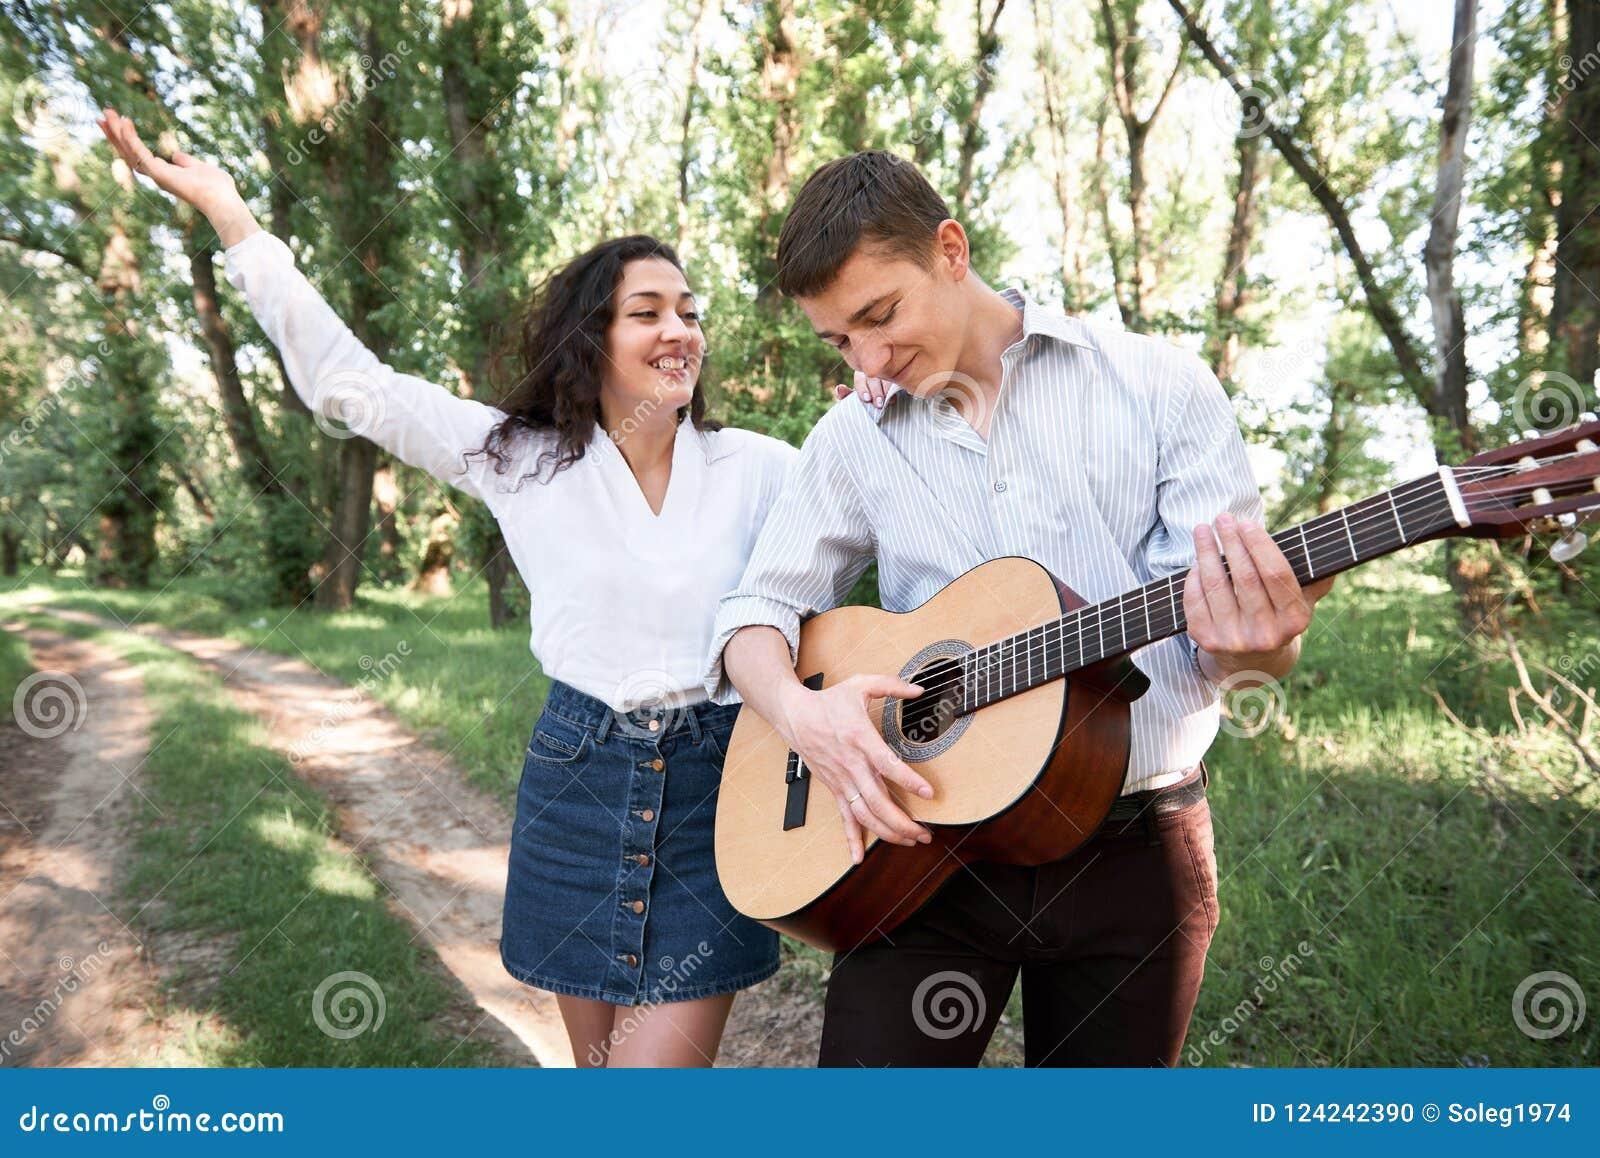 Молодые пары идя в лес, играющ гитару и танцы, природу лета, яркий солнечный свет, тени и зеленые листья, романтичные